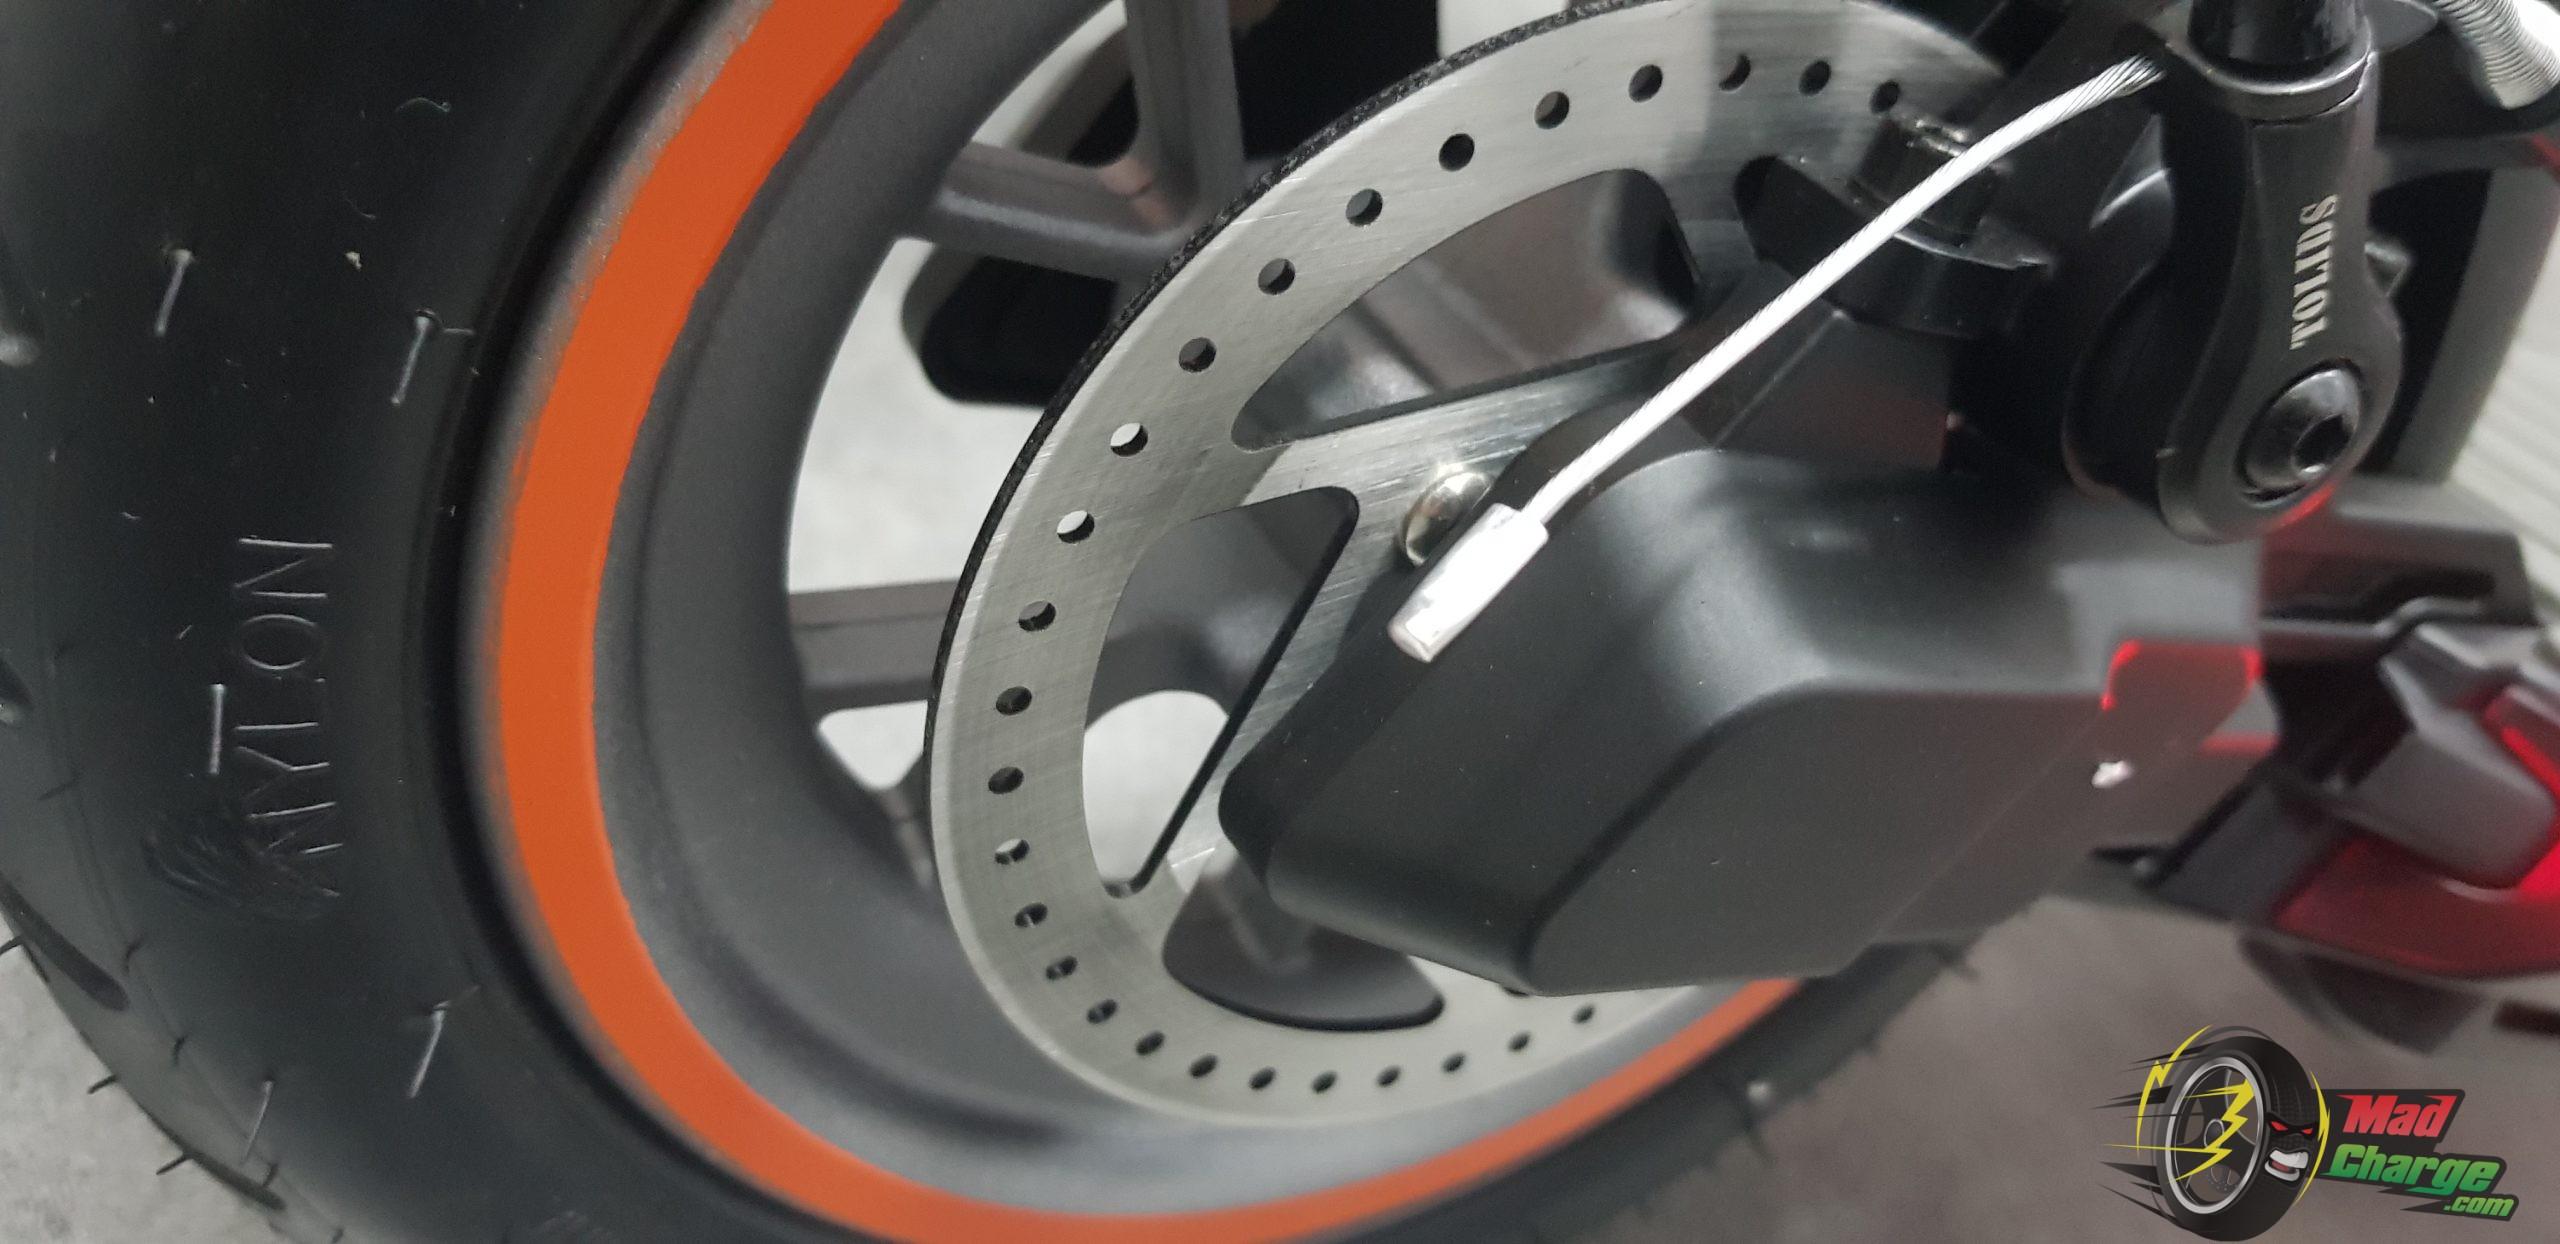 Kugoo M2 PRO 110 Disc Brake